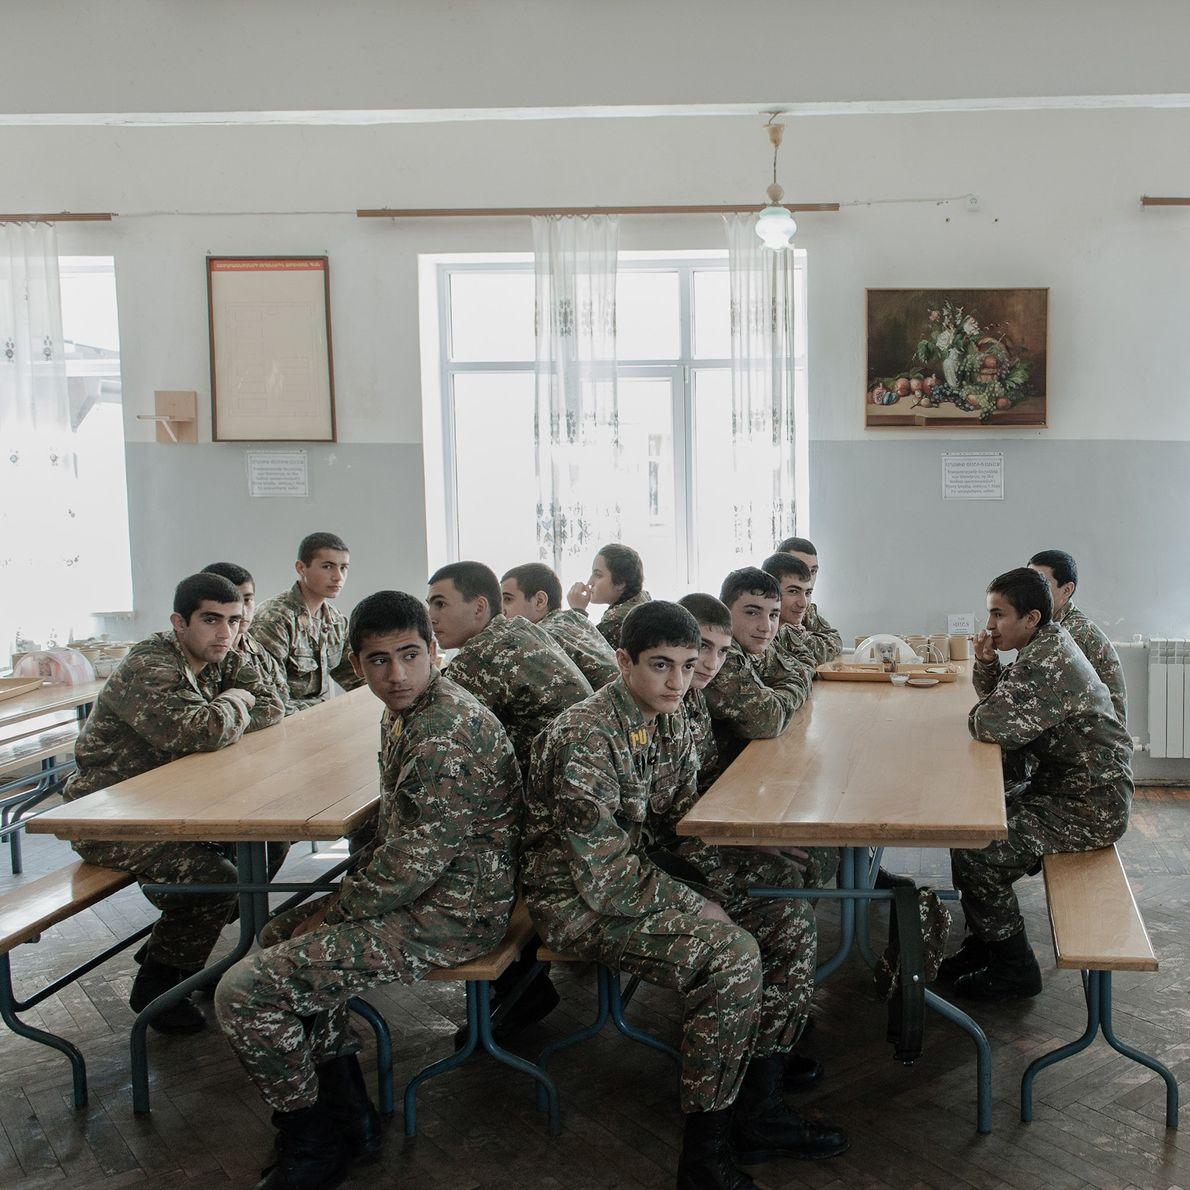 Les jeunes soldats attendent leurs repas dans le réfectoire de l'académie militaire.